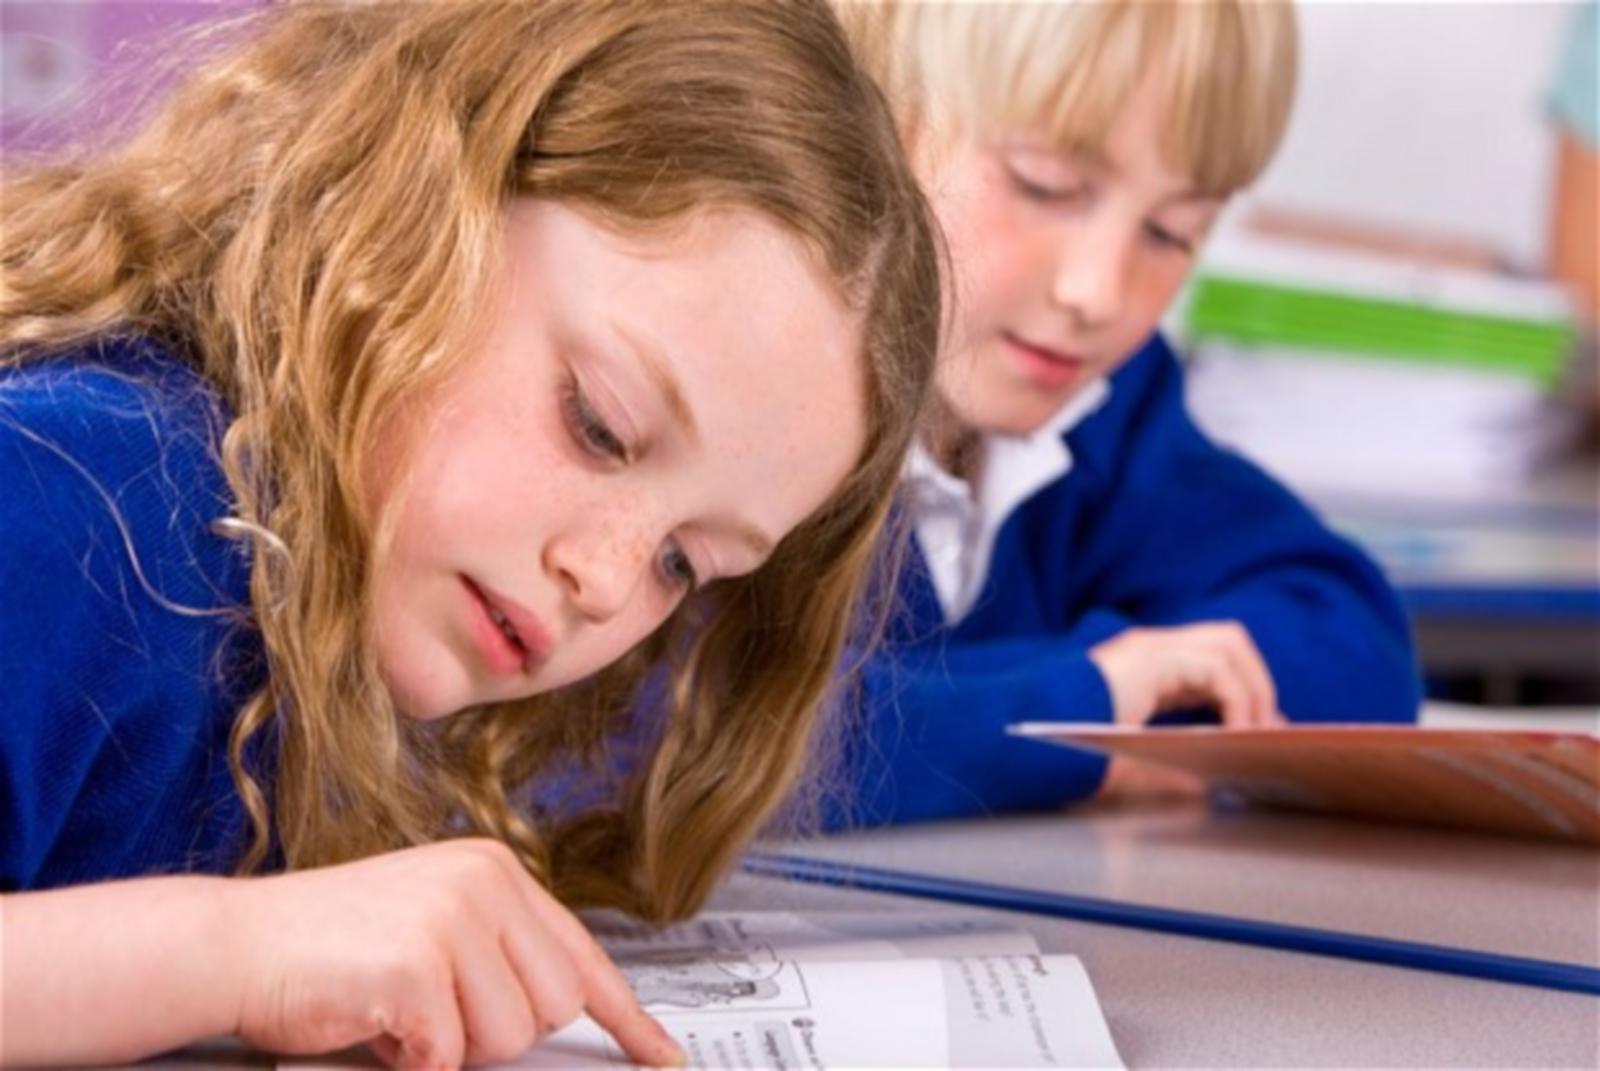 """Εύκολα τεστ: Πώς θα καταλάβω αν το παιδί της Α"""" δημοτικού έχει μάθει ανάγνωση;"""